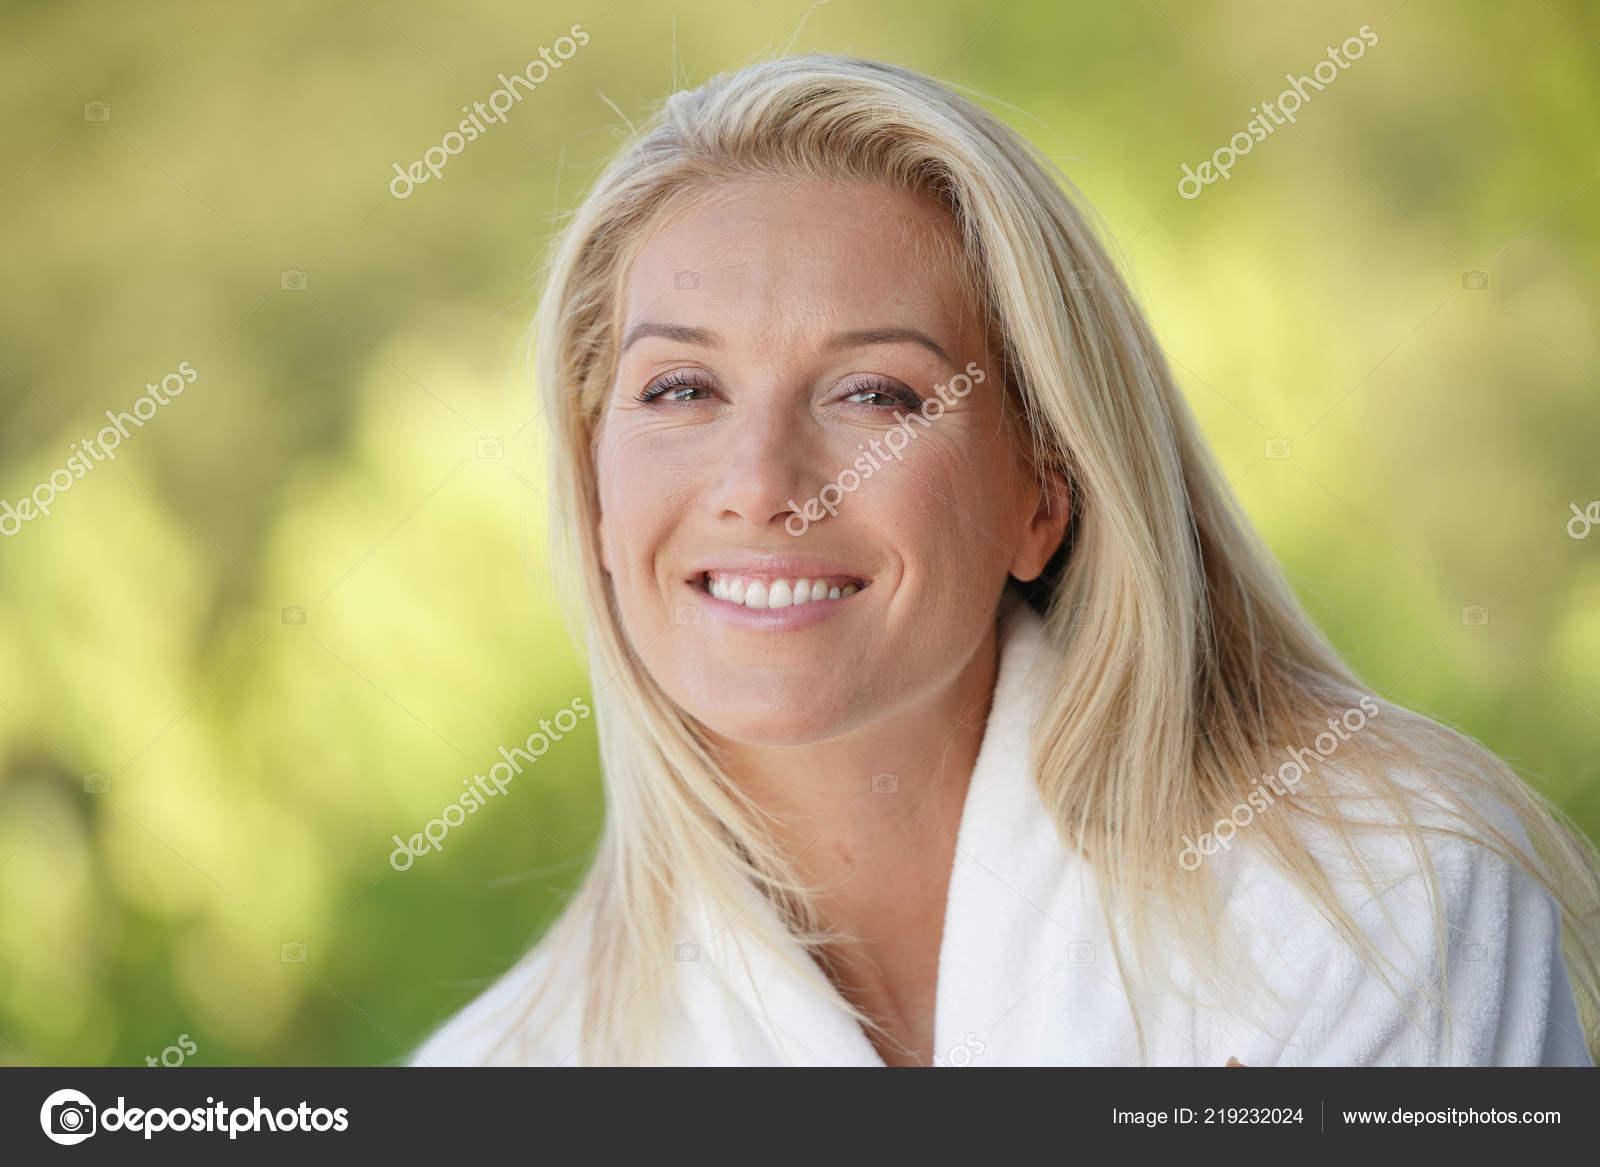 photos de femmes de 40 ans belle